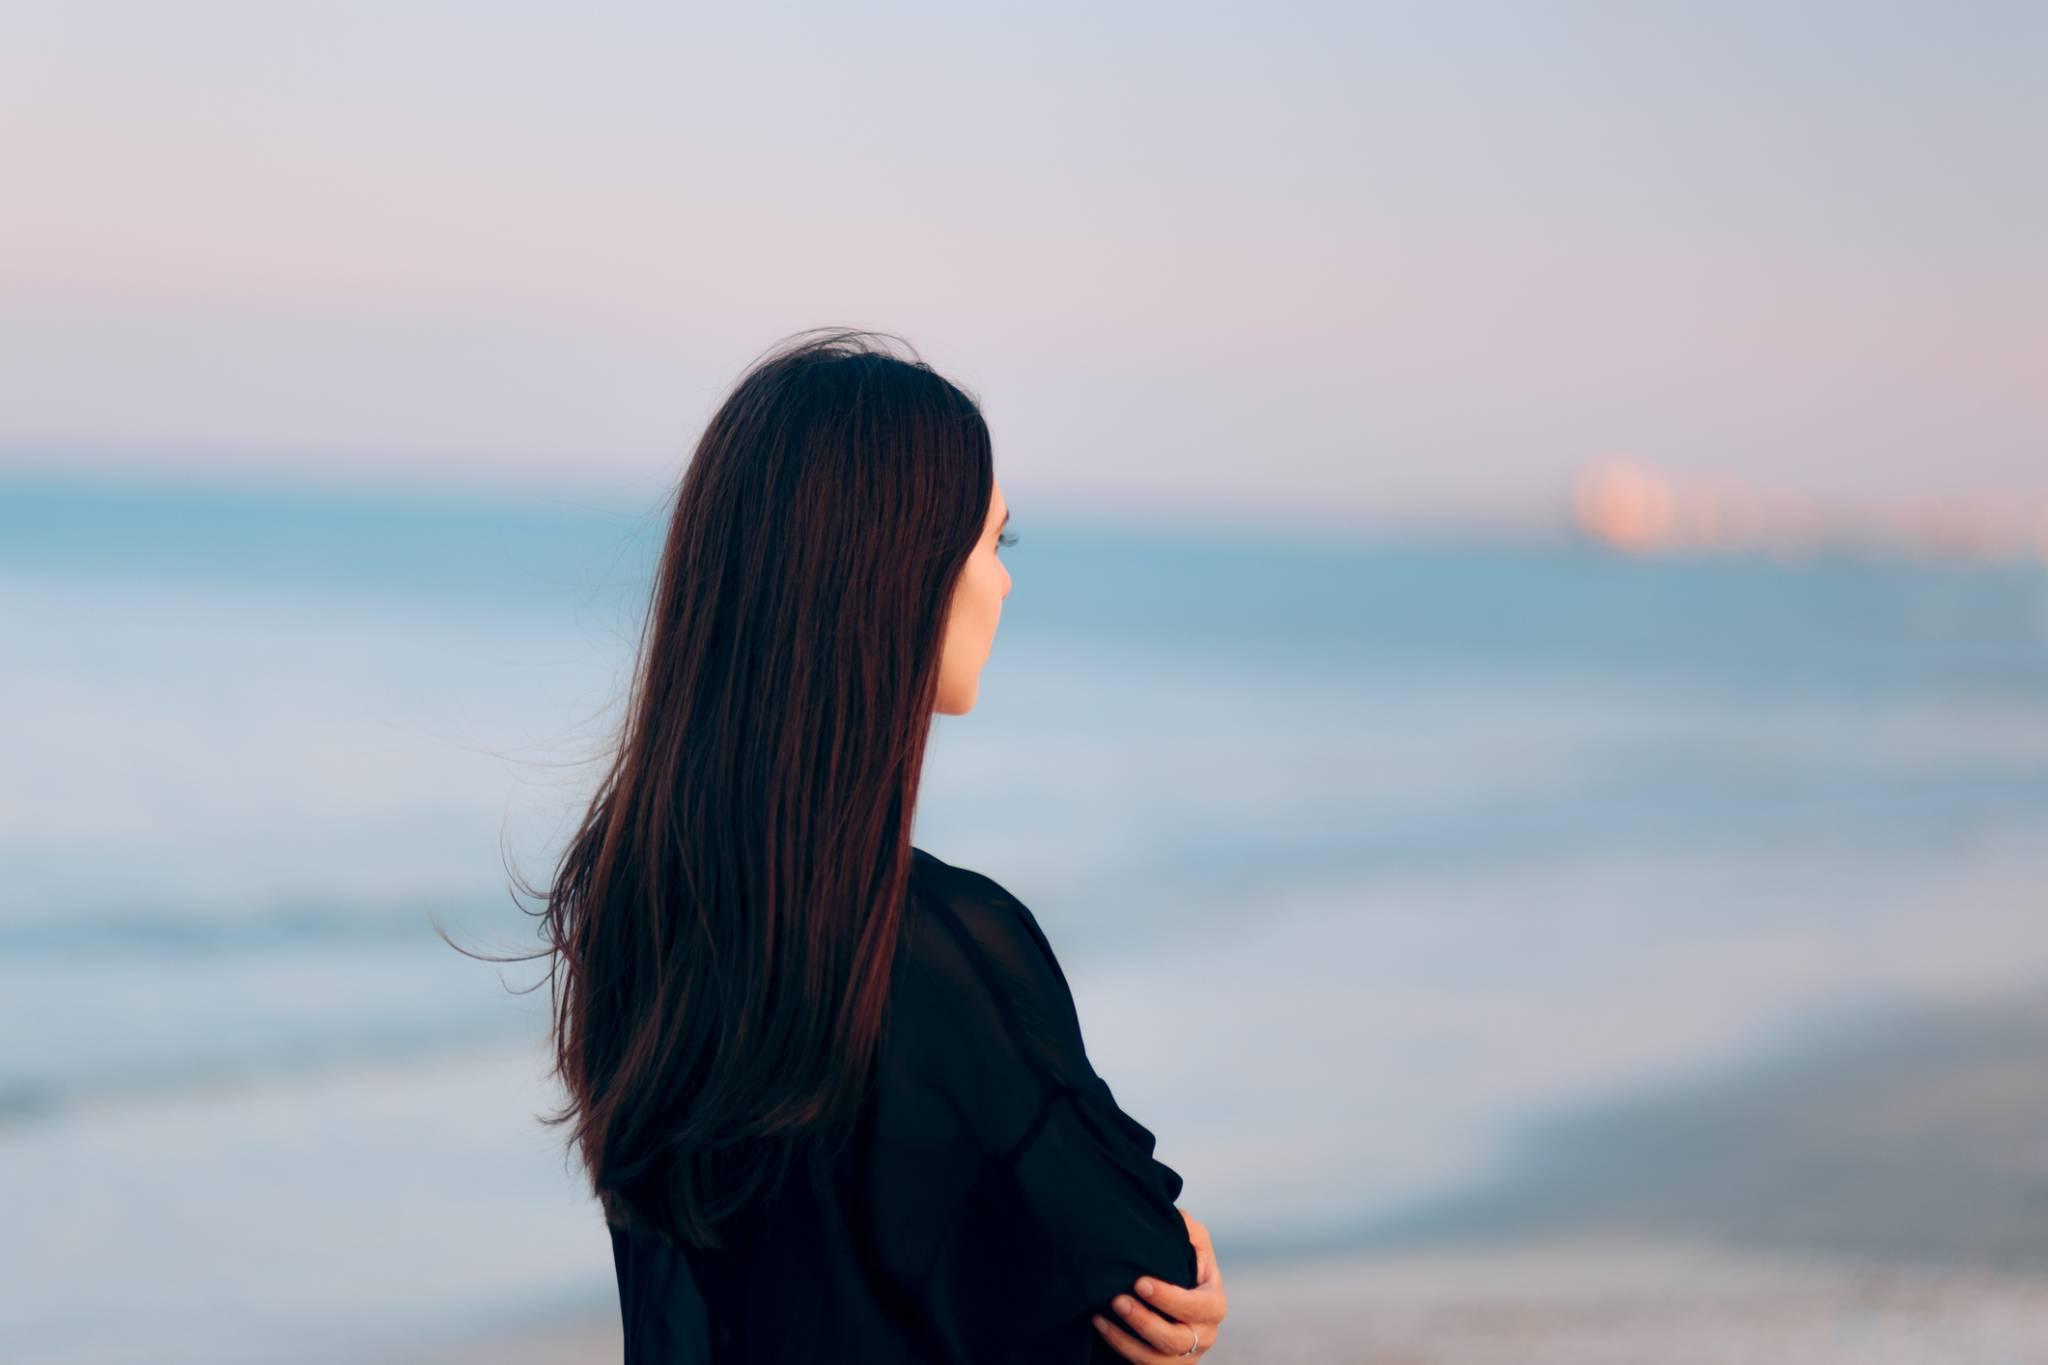 Kobiety gorzej radzą sobie ze stresem. Jak mu przeciwdziałać?